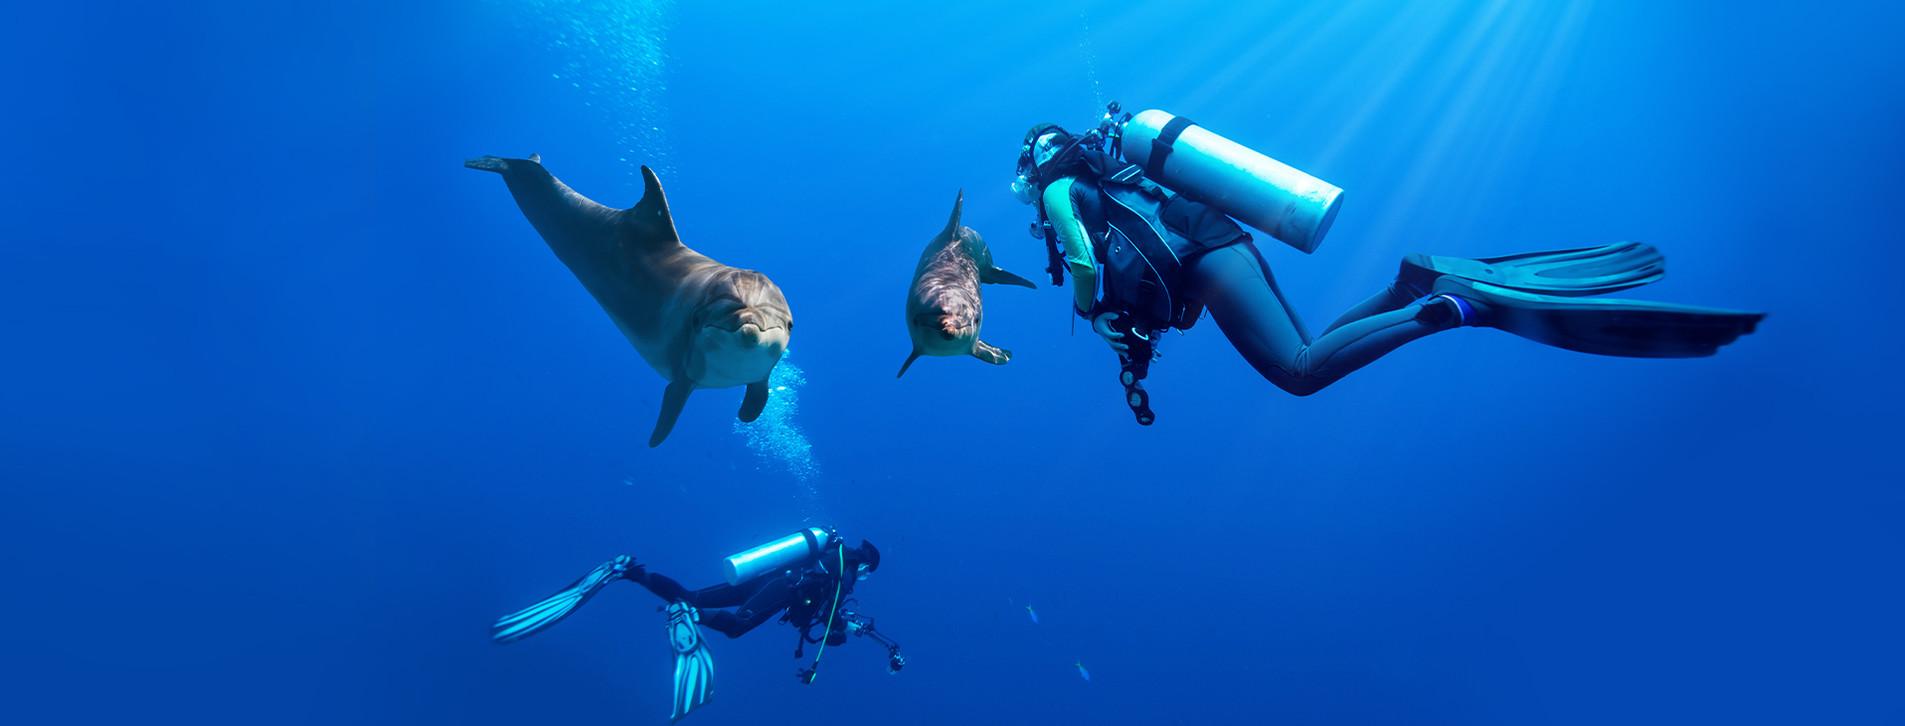 Фото - Дайвінг із дельфінами для двох